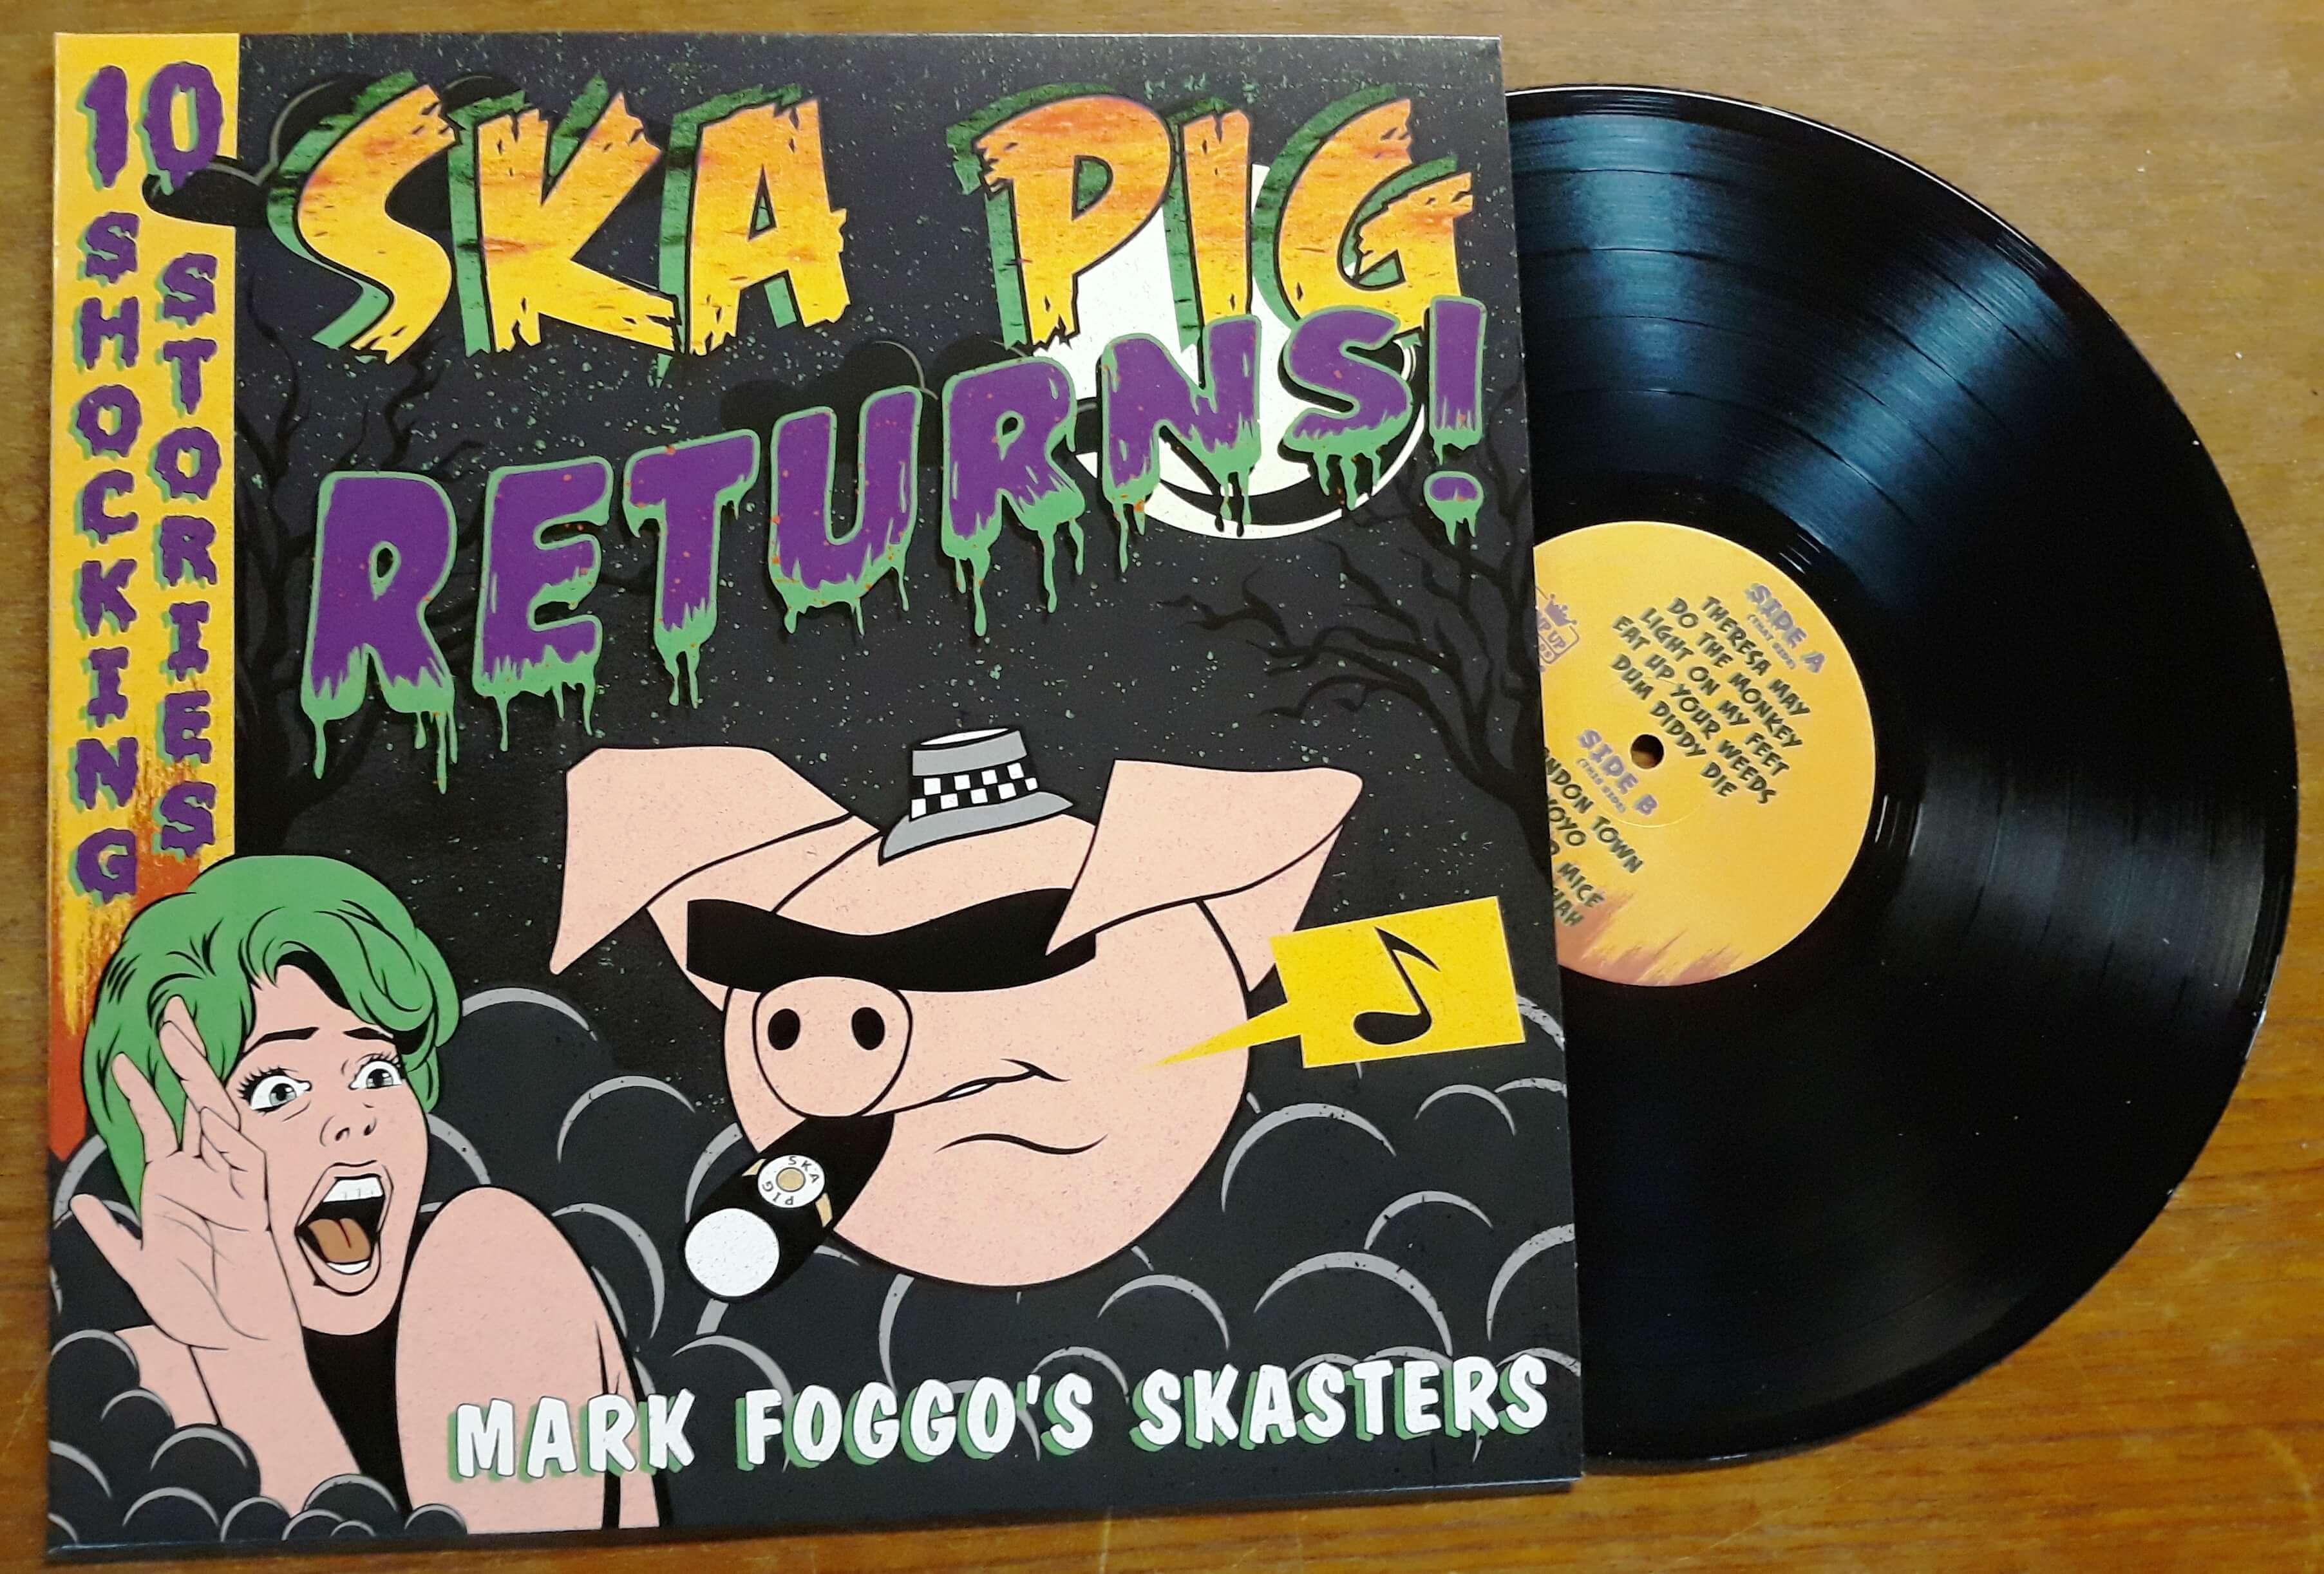 """Résultat de recherche d'images pour """"ska pig returns"""""""